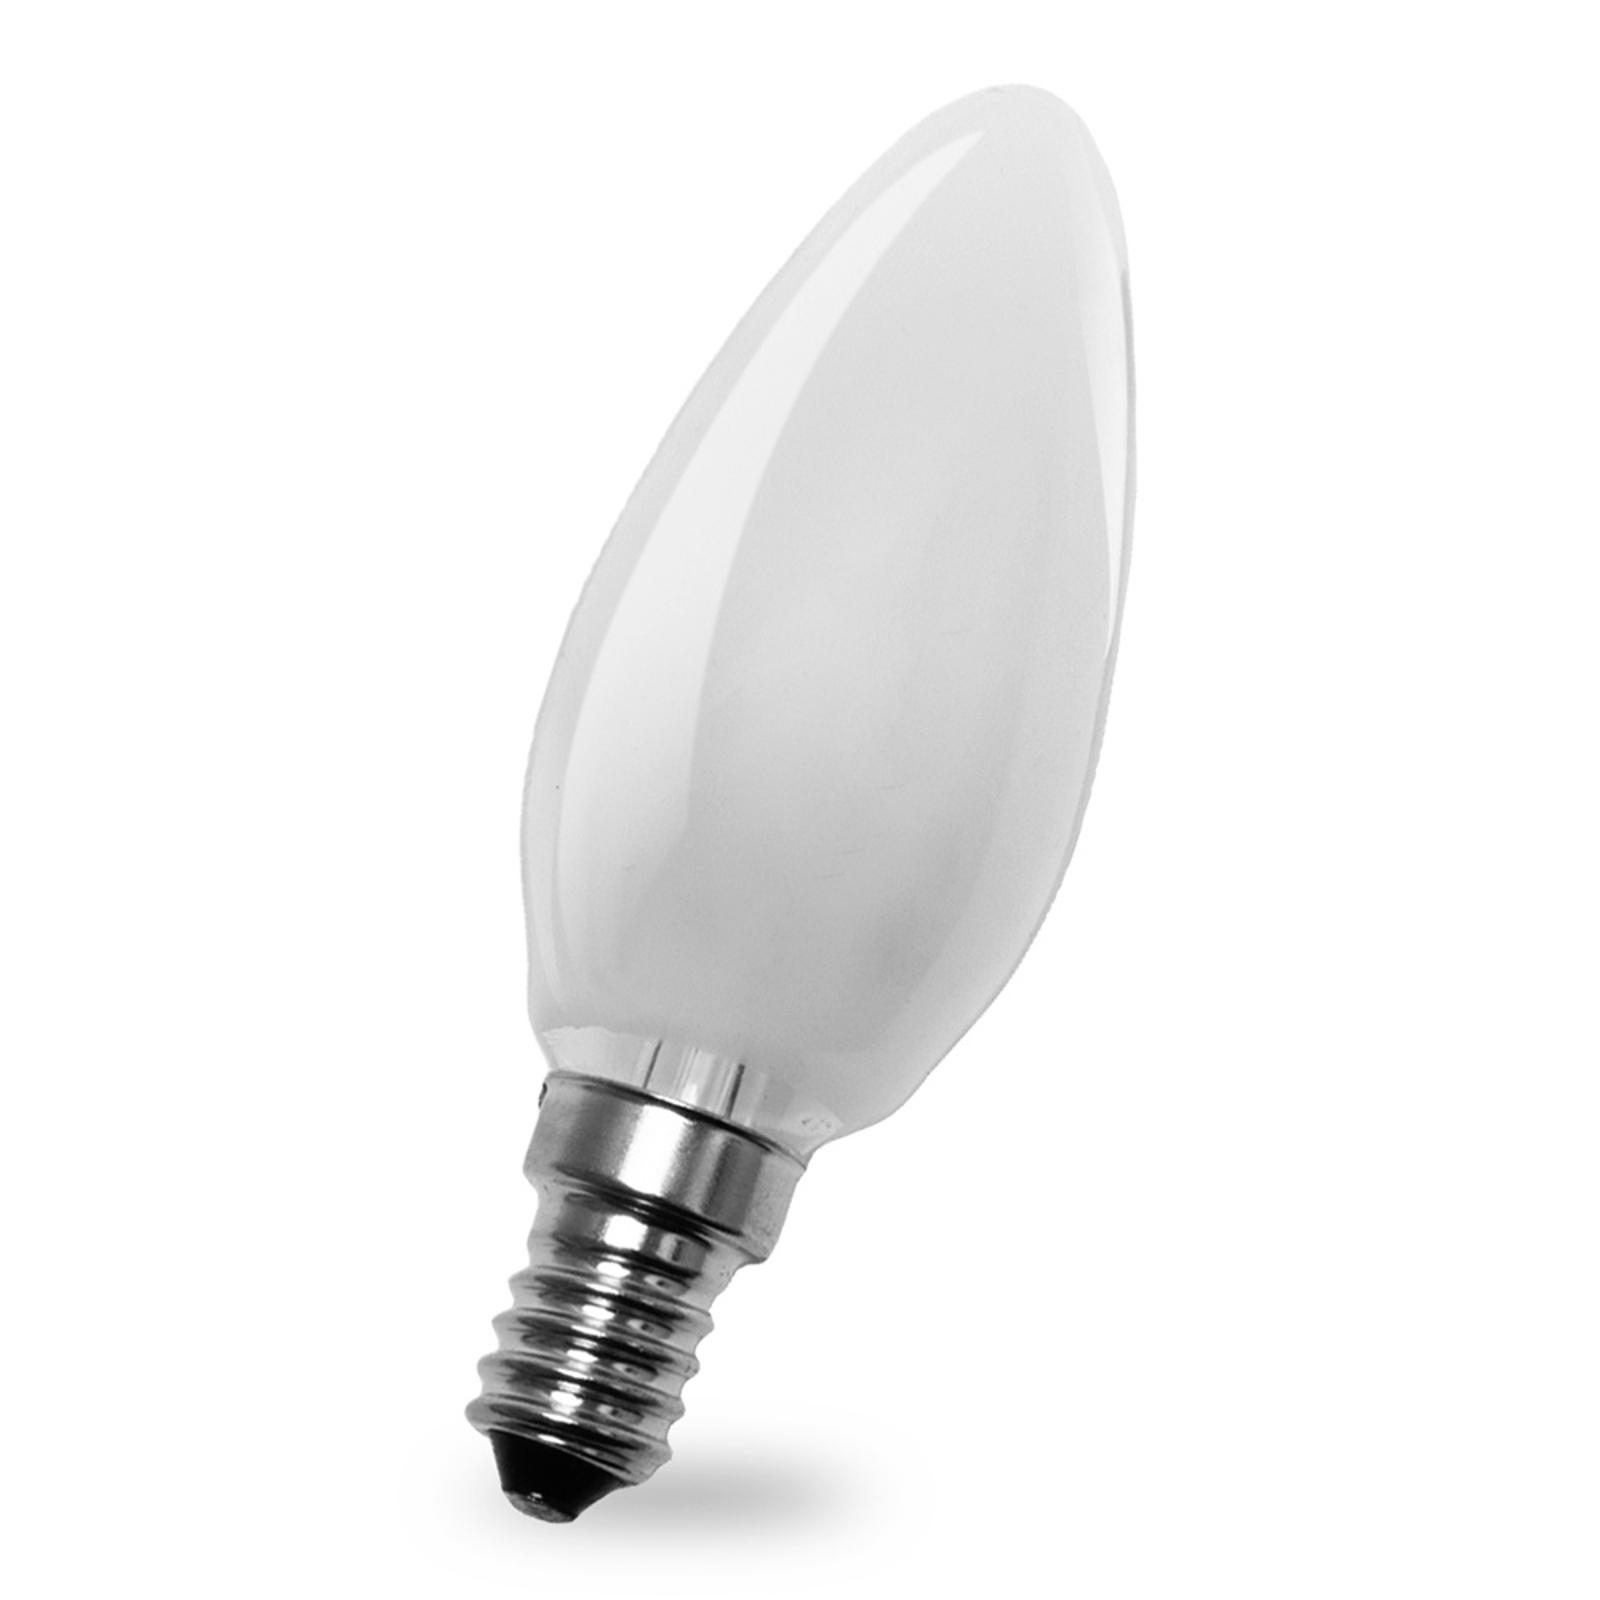 Lampadina a candela LED E14 4W 827, interno opaco